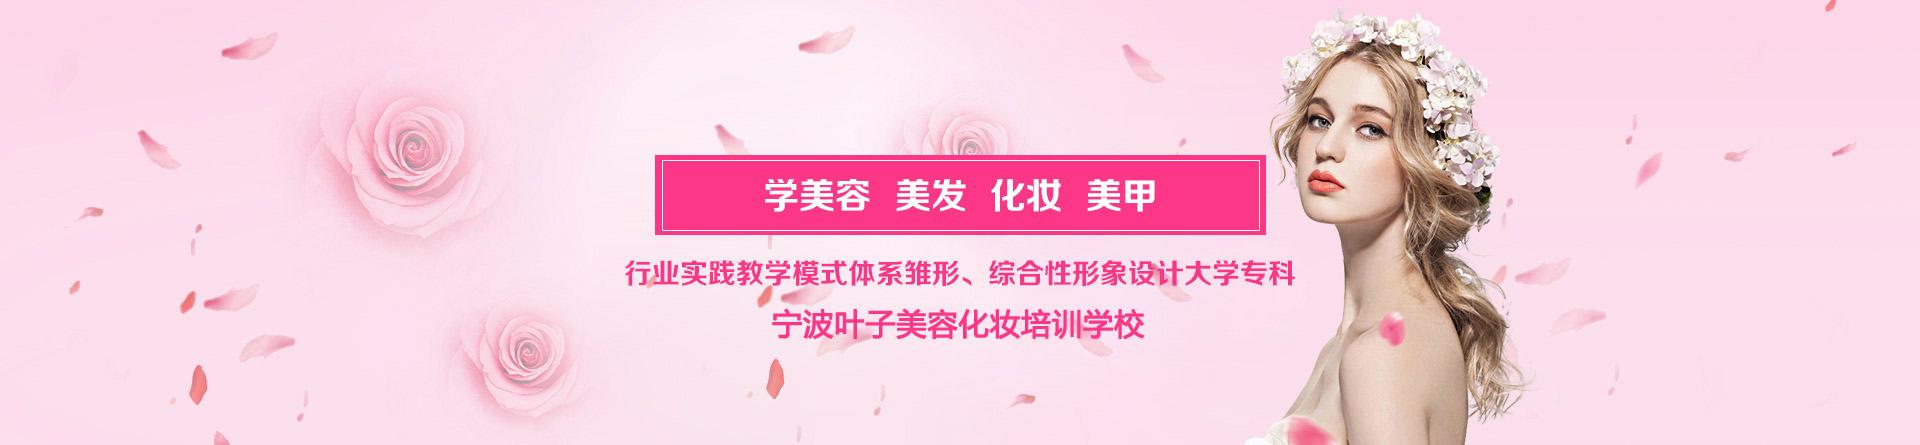 宁波美妆培训班